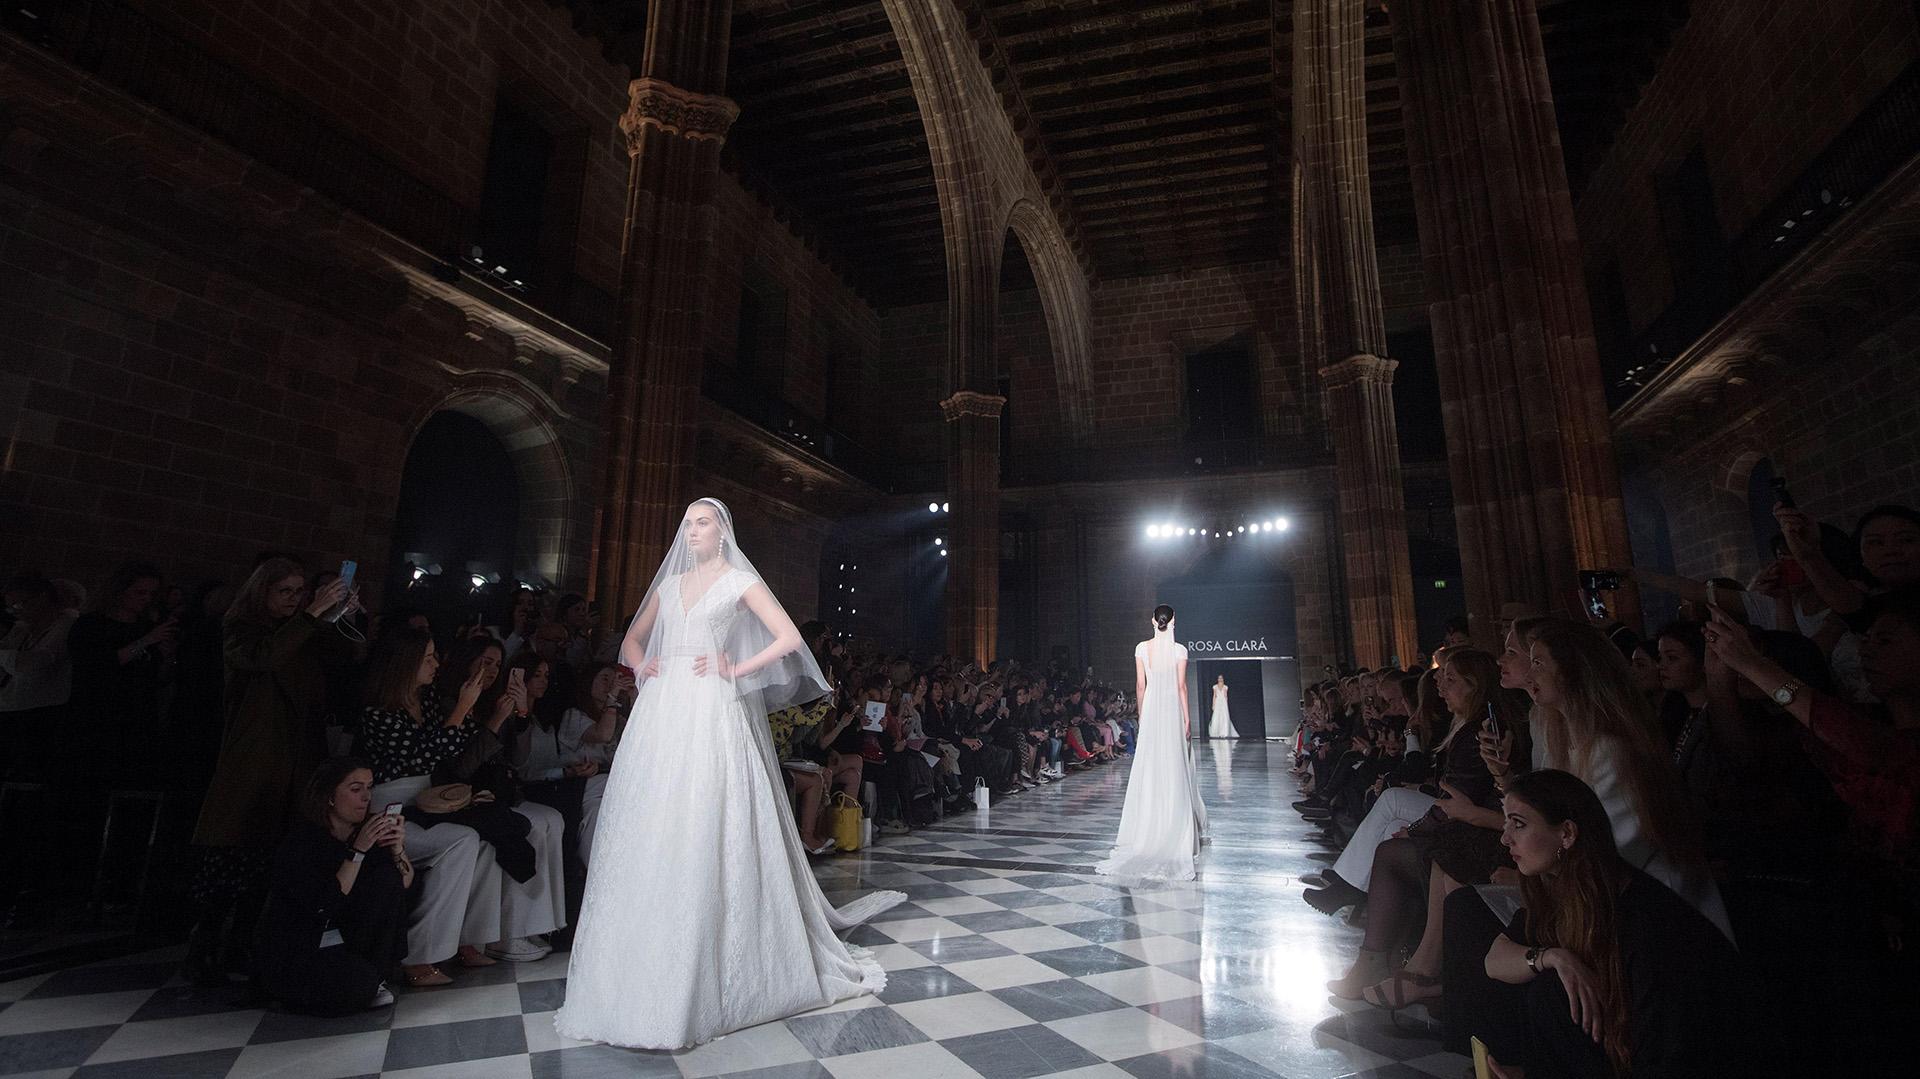 A salón lleno, La Llotja de Mar de la capital catalana. En esta oportunidad, solamente presentaron la línea de novias y los vestidos blancos fueron los que tomaron protagonismo en la mañana. Vestidos línea A, con faldas volumétricas y una inspiración al estilo años 20